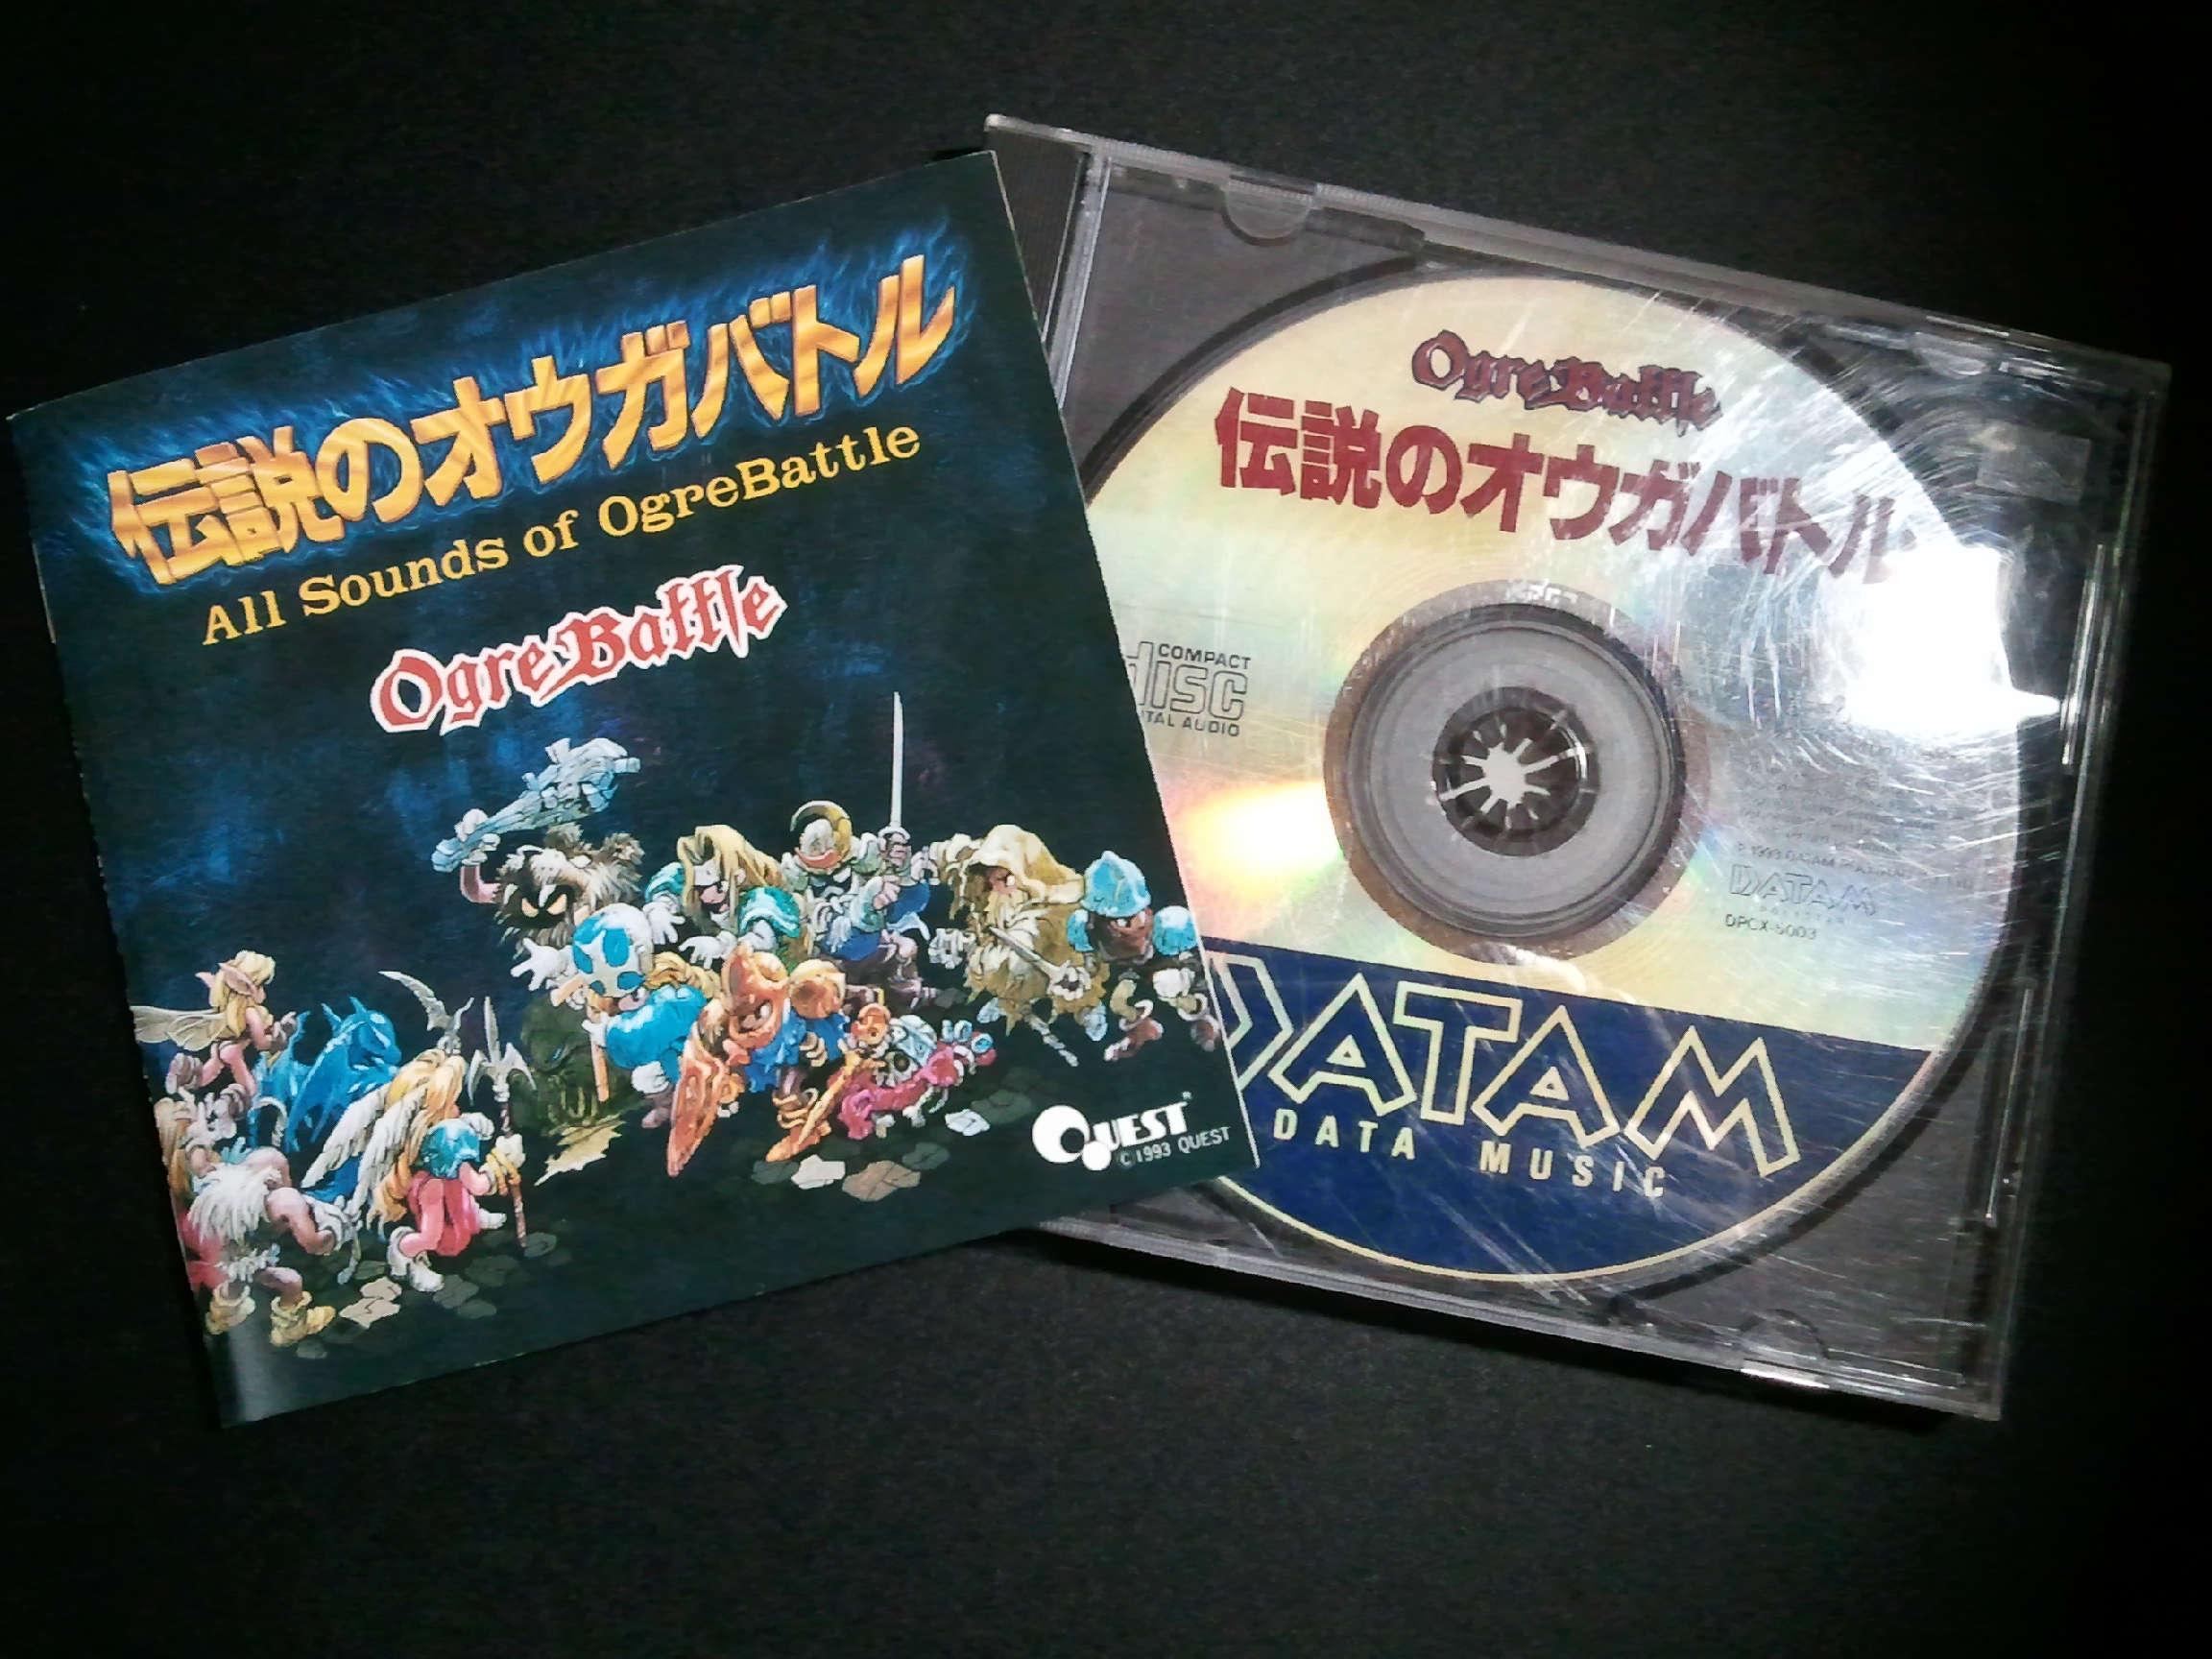 伝説のオウガバトル All Sounds of OgreBattle